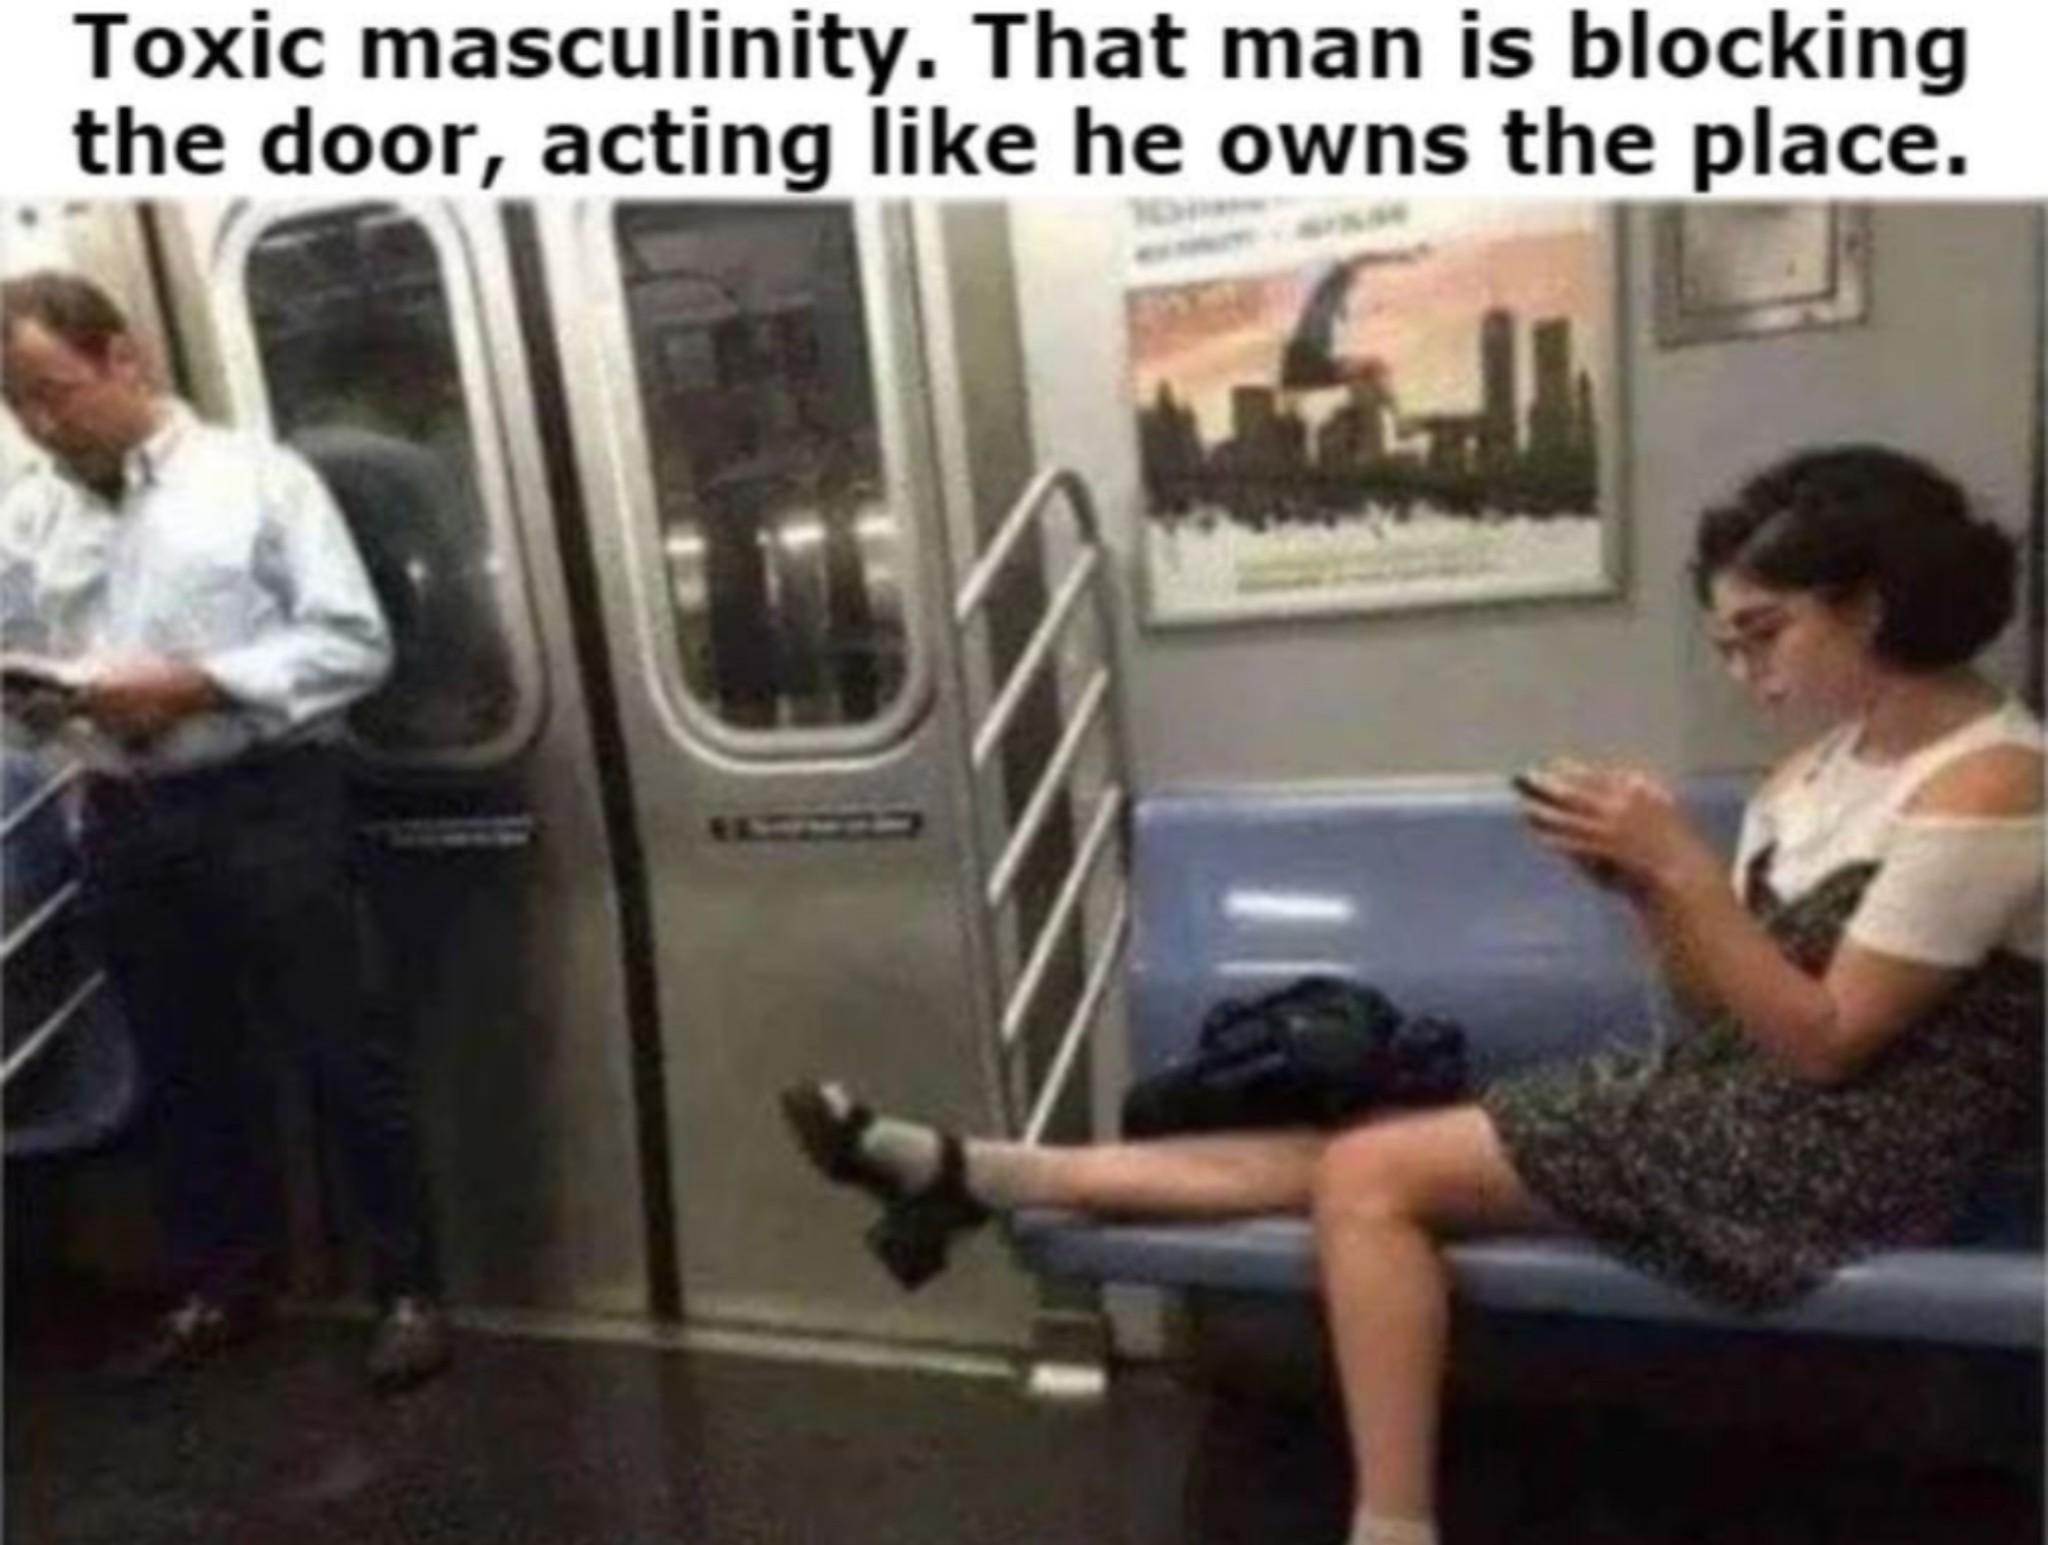 #ToxicFeminity - meme